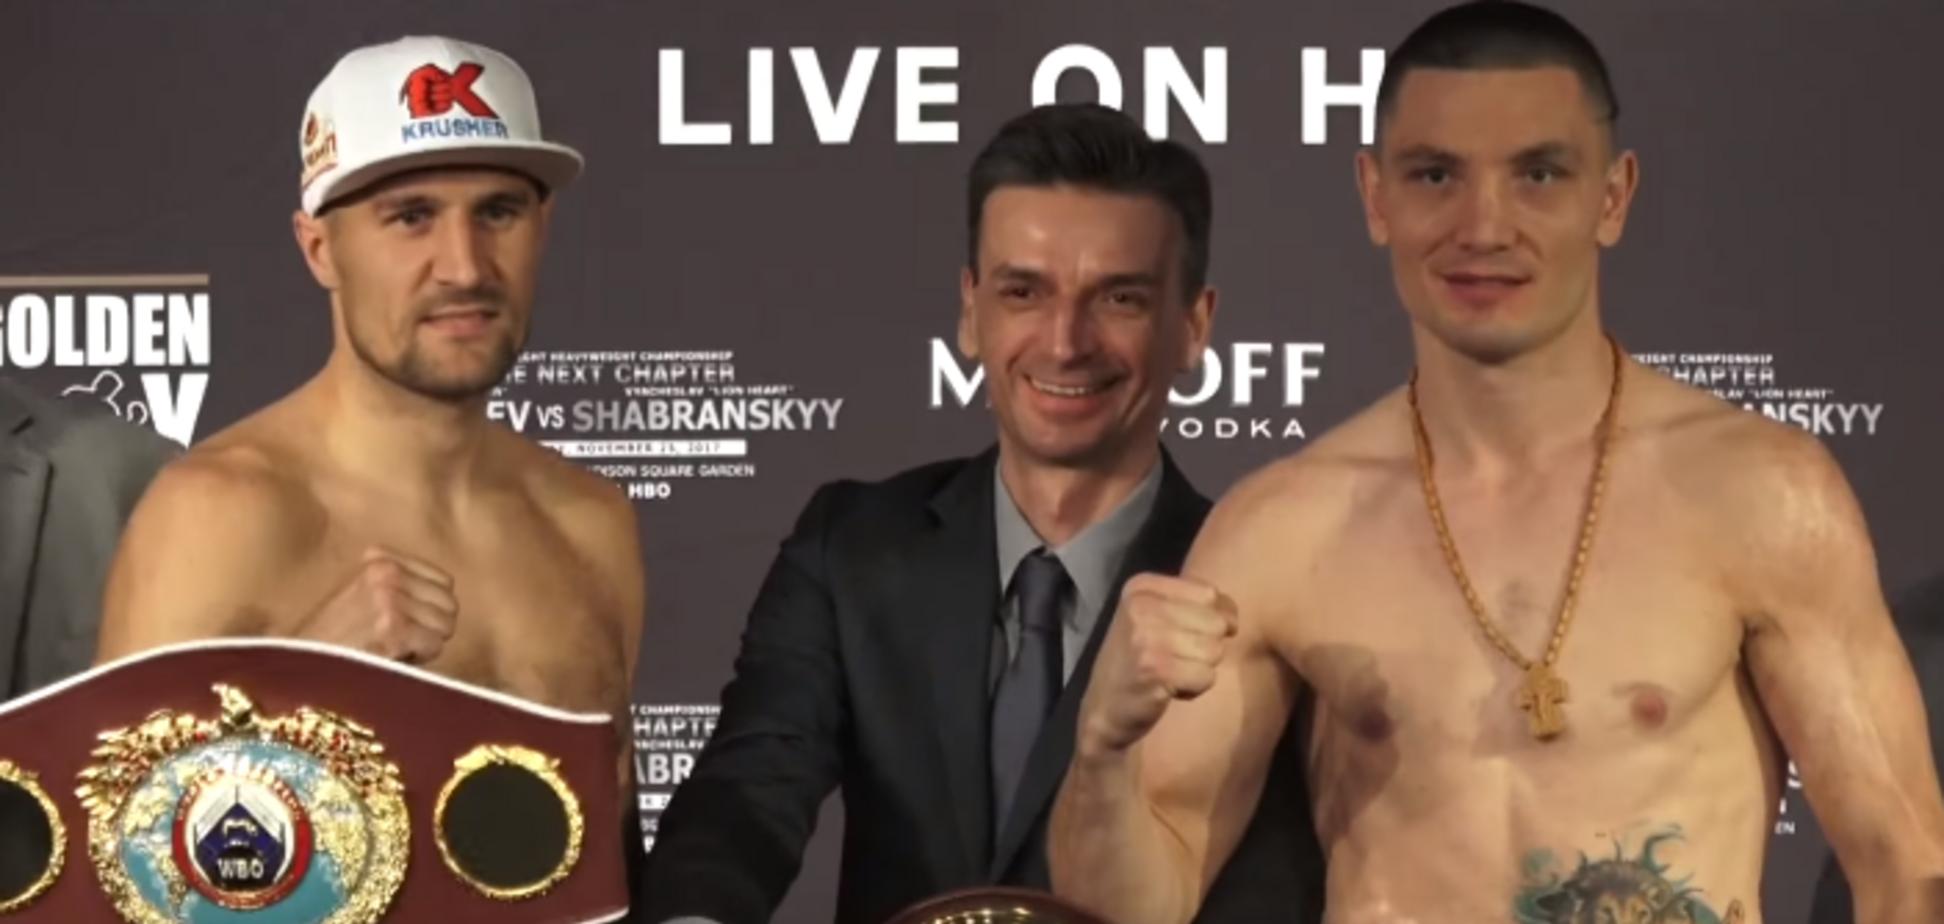 Український боксер виграв зважування напередодні чемпіонського поєдинку з кращим бійцем Росії